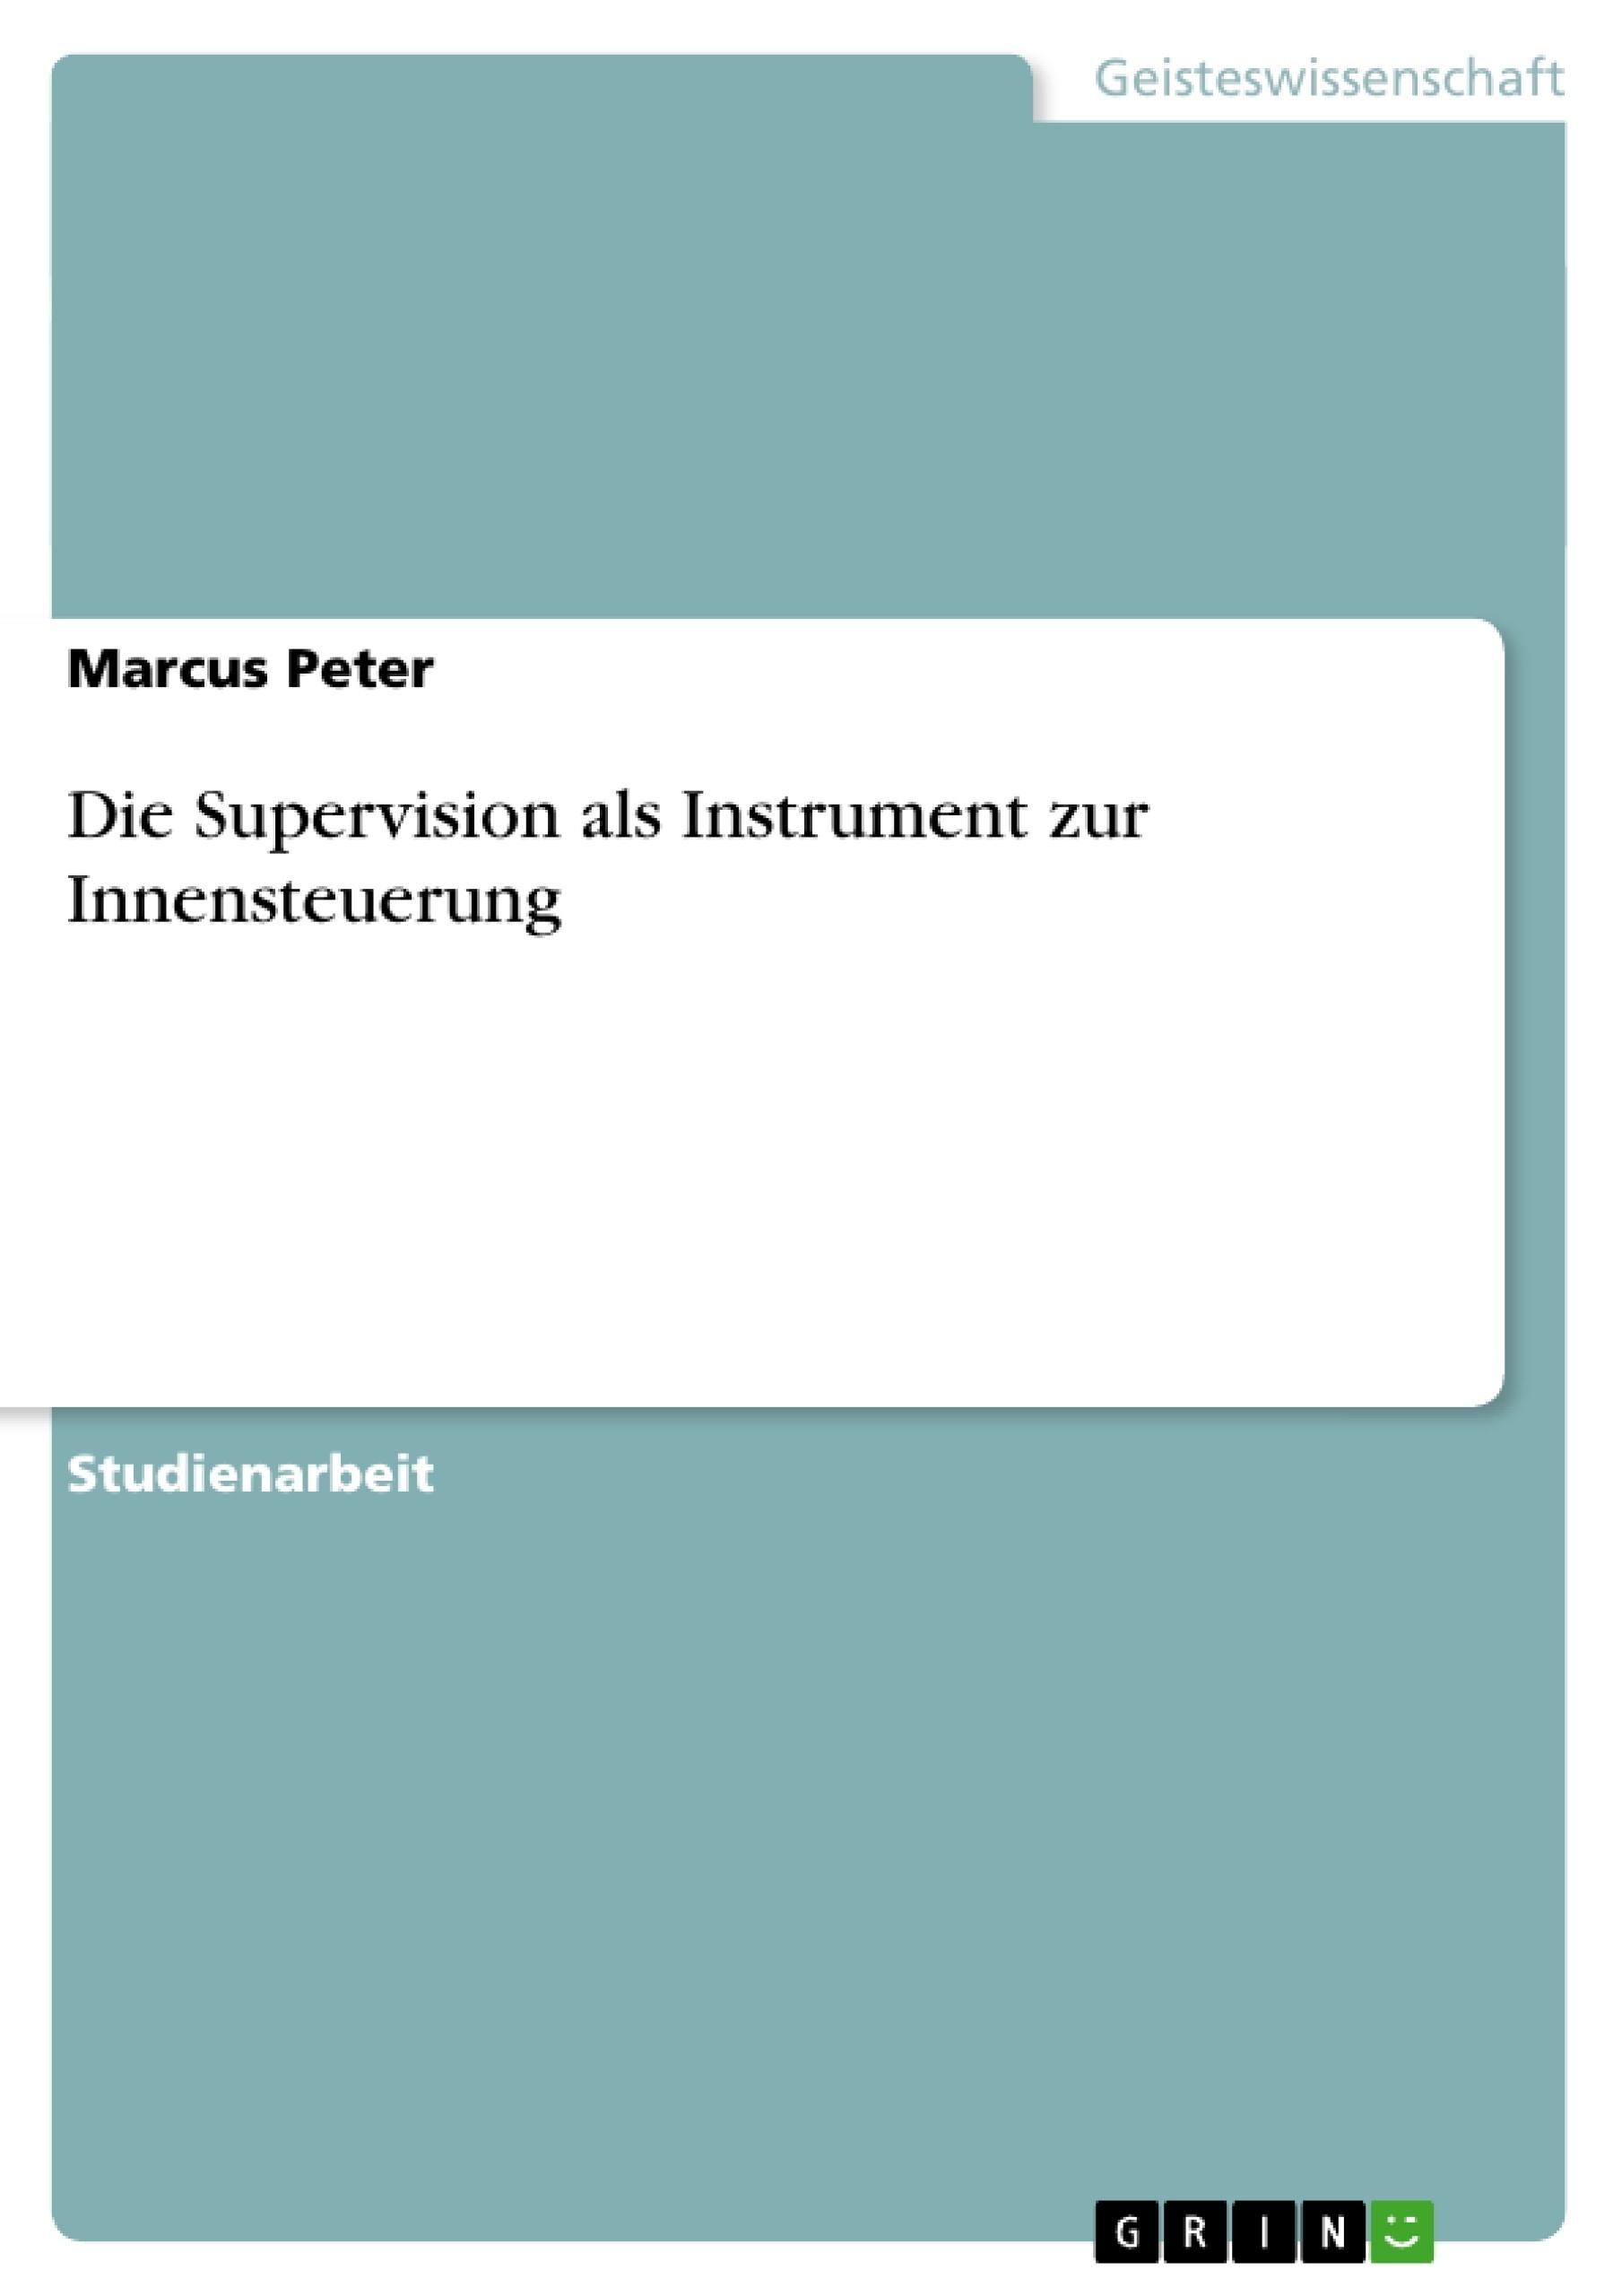 Titel: Die Supervision als Instrument zur Innensteuerung